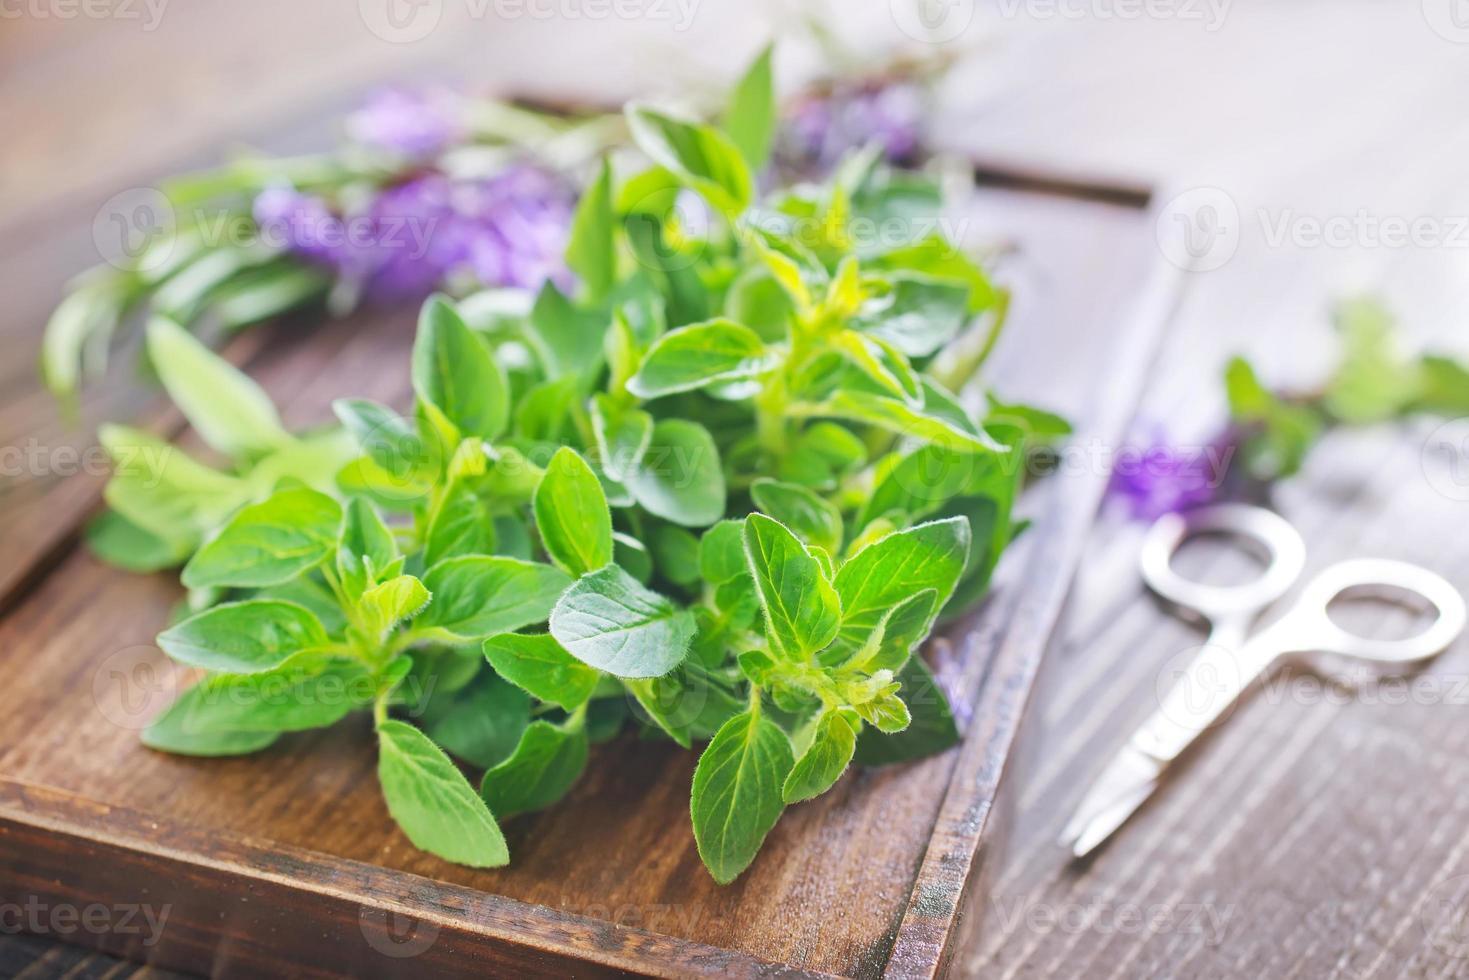 hierbas aromáticas foto